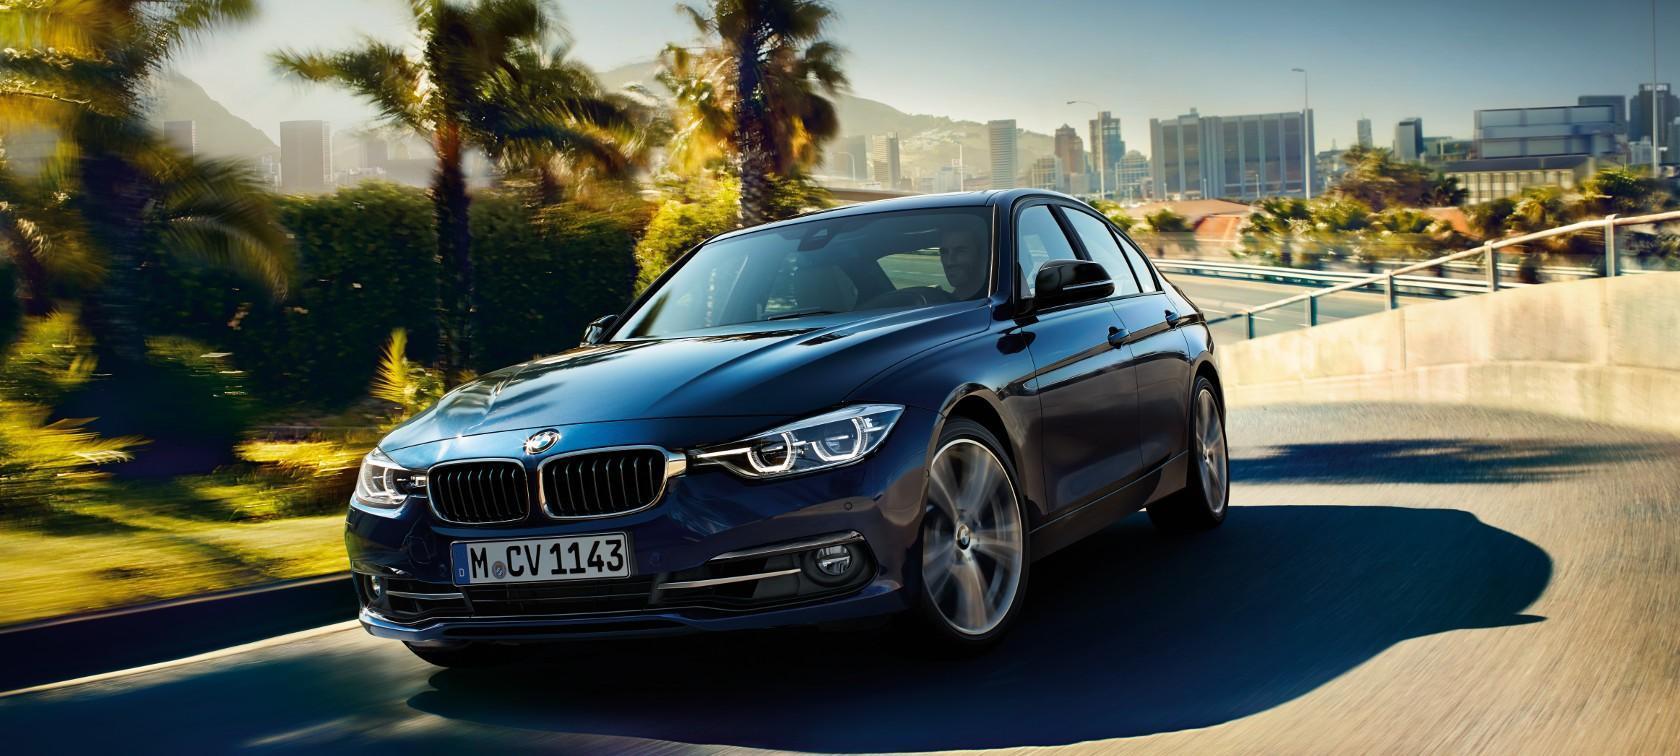 Funilaria BMW